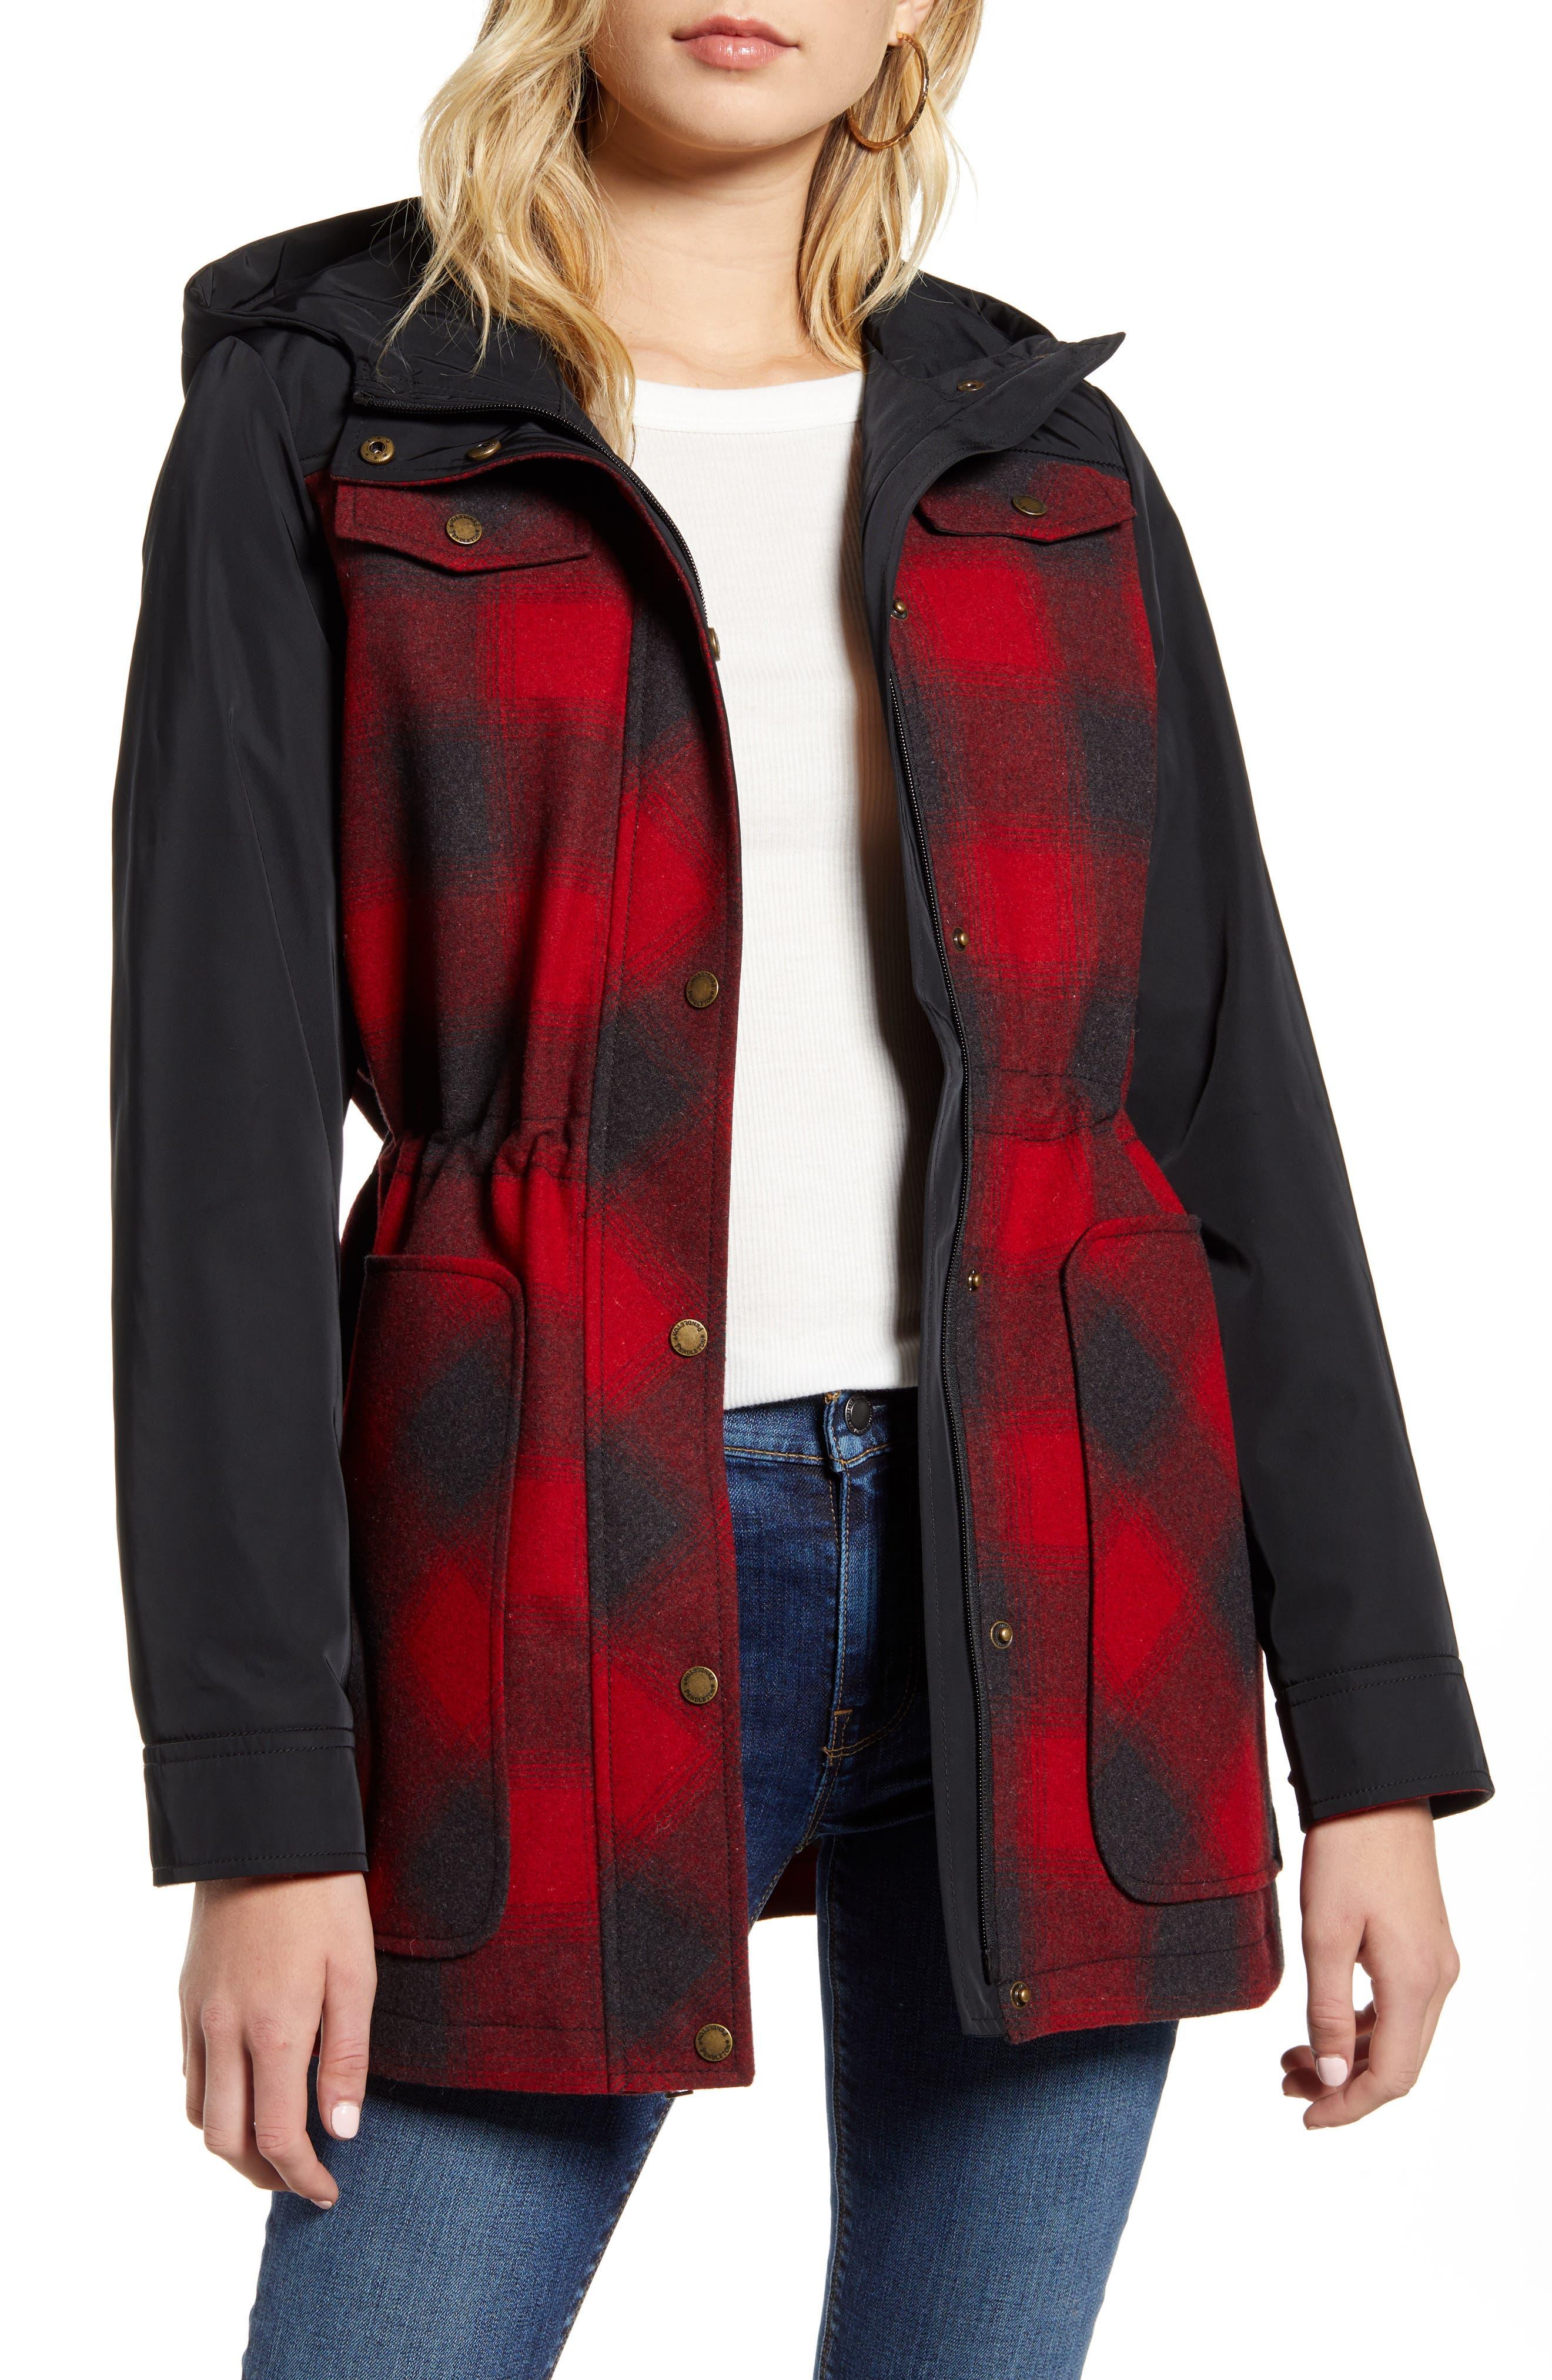 Pendleton Hayden Water Repellent Hooded Flannel Jacket Nordstrom Rack [ 4048 x 2640 Pixel ]